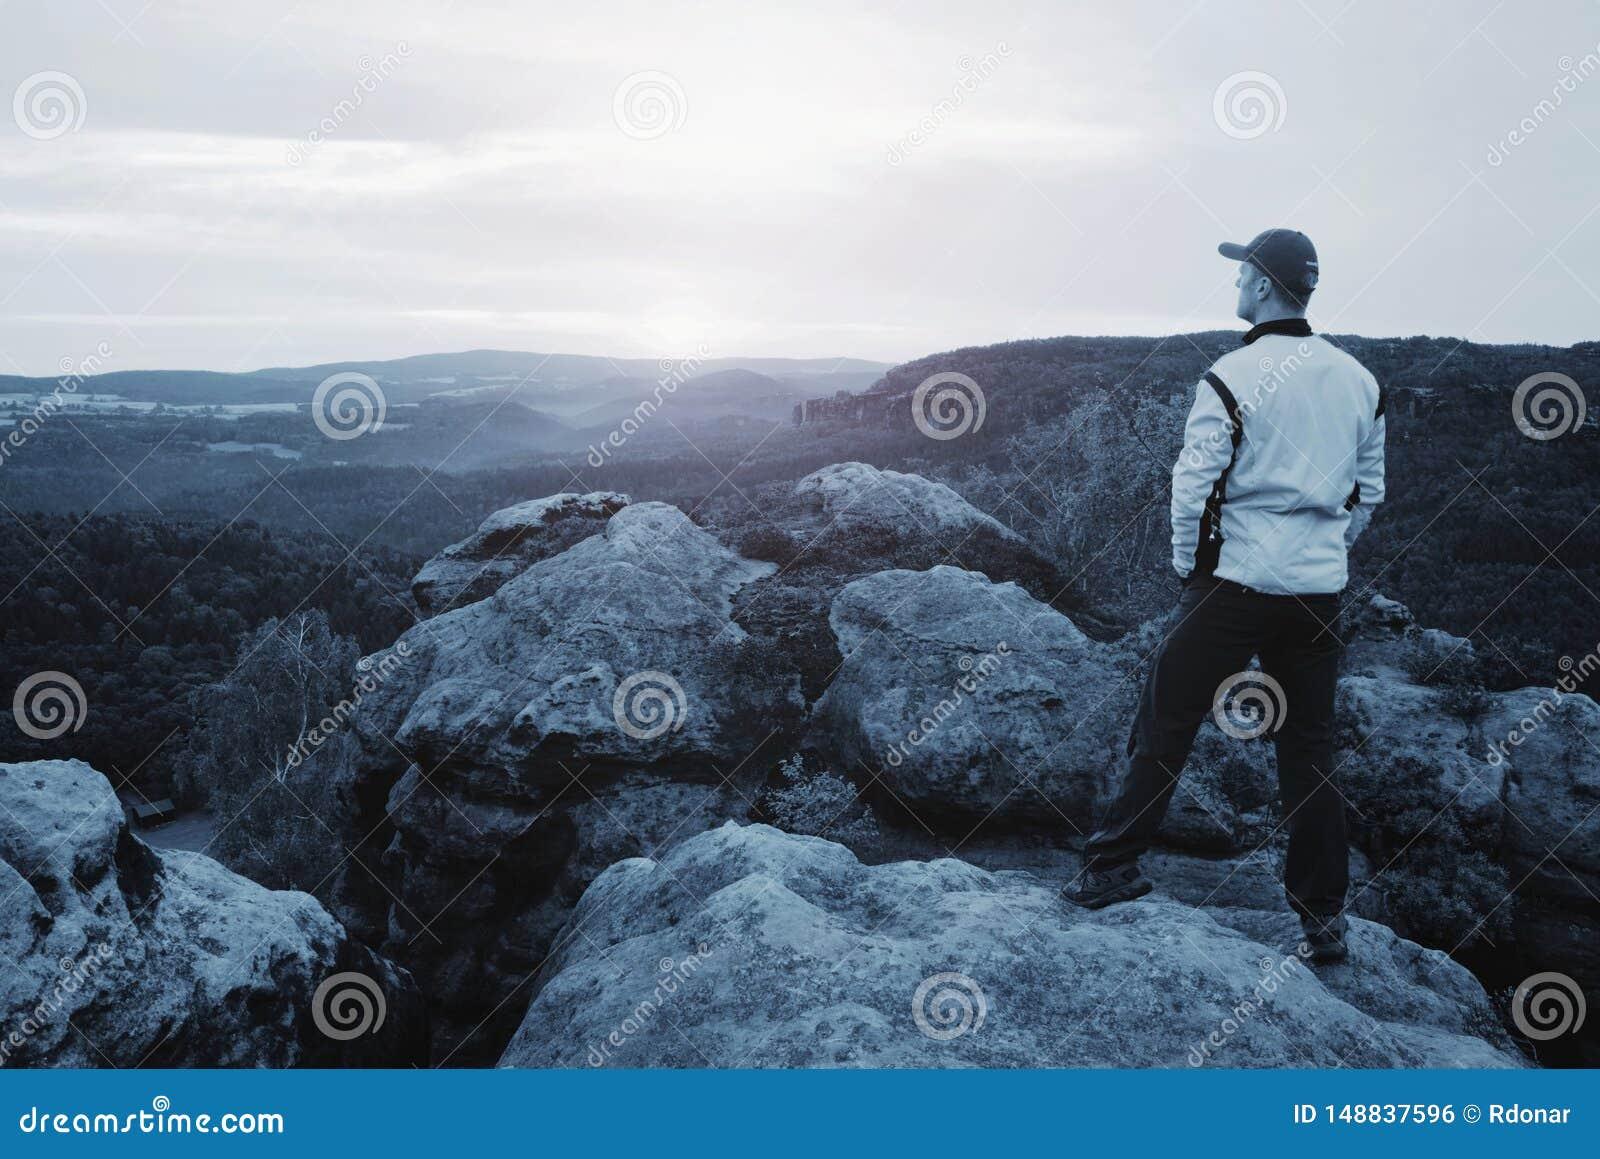 Wandelaar in sportieve kostuumtribune op piek in rots en horloge over mist